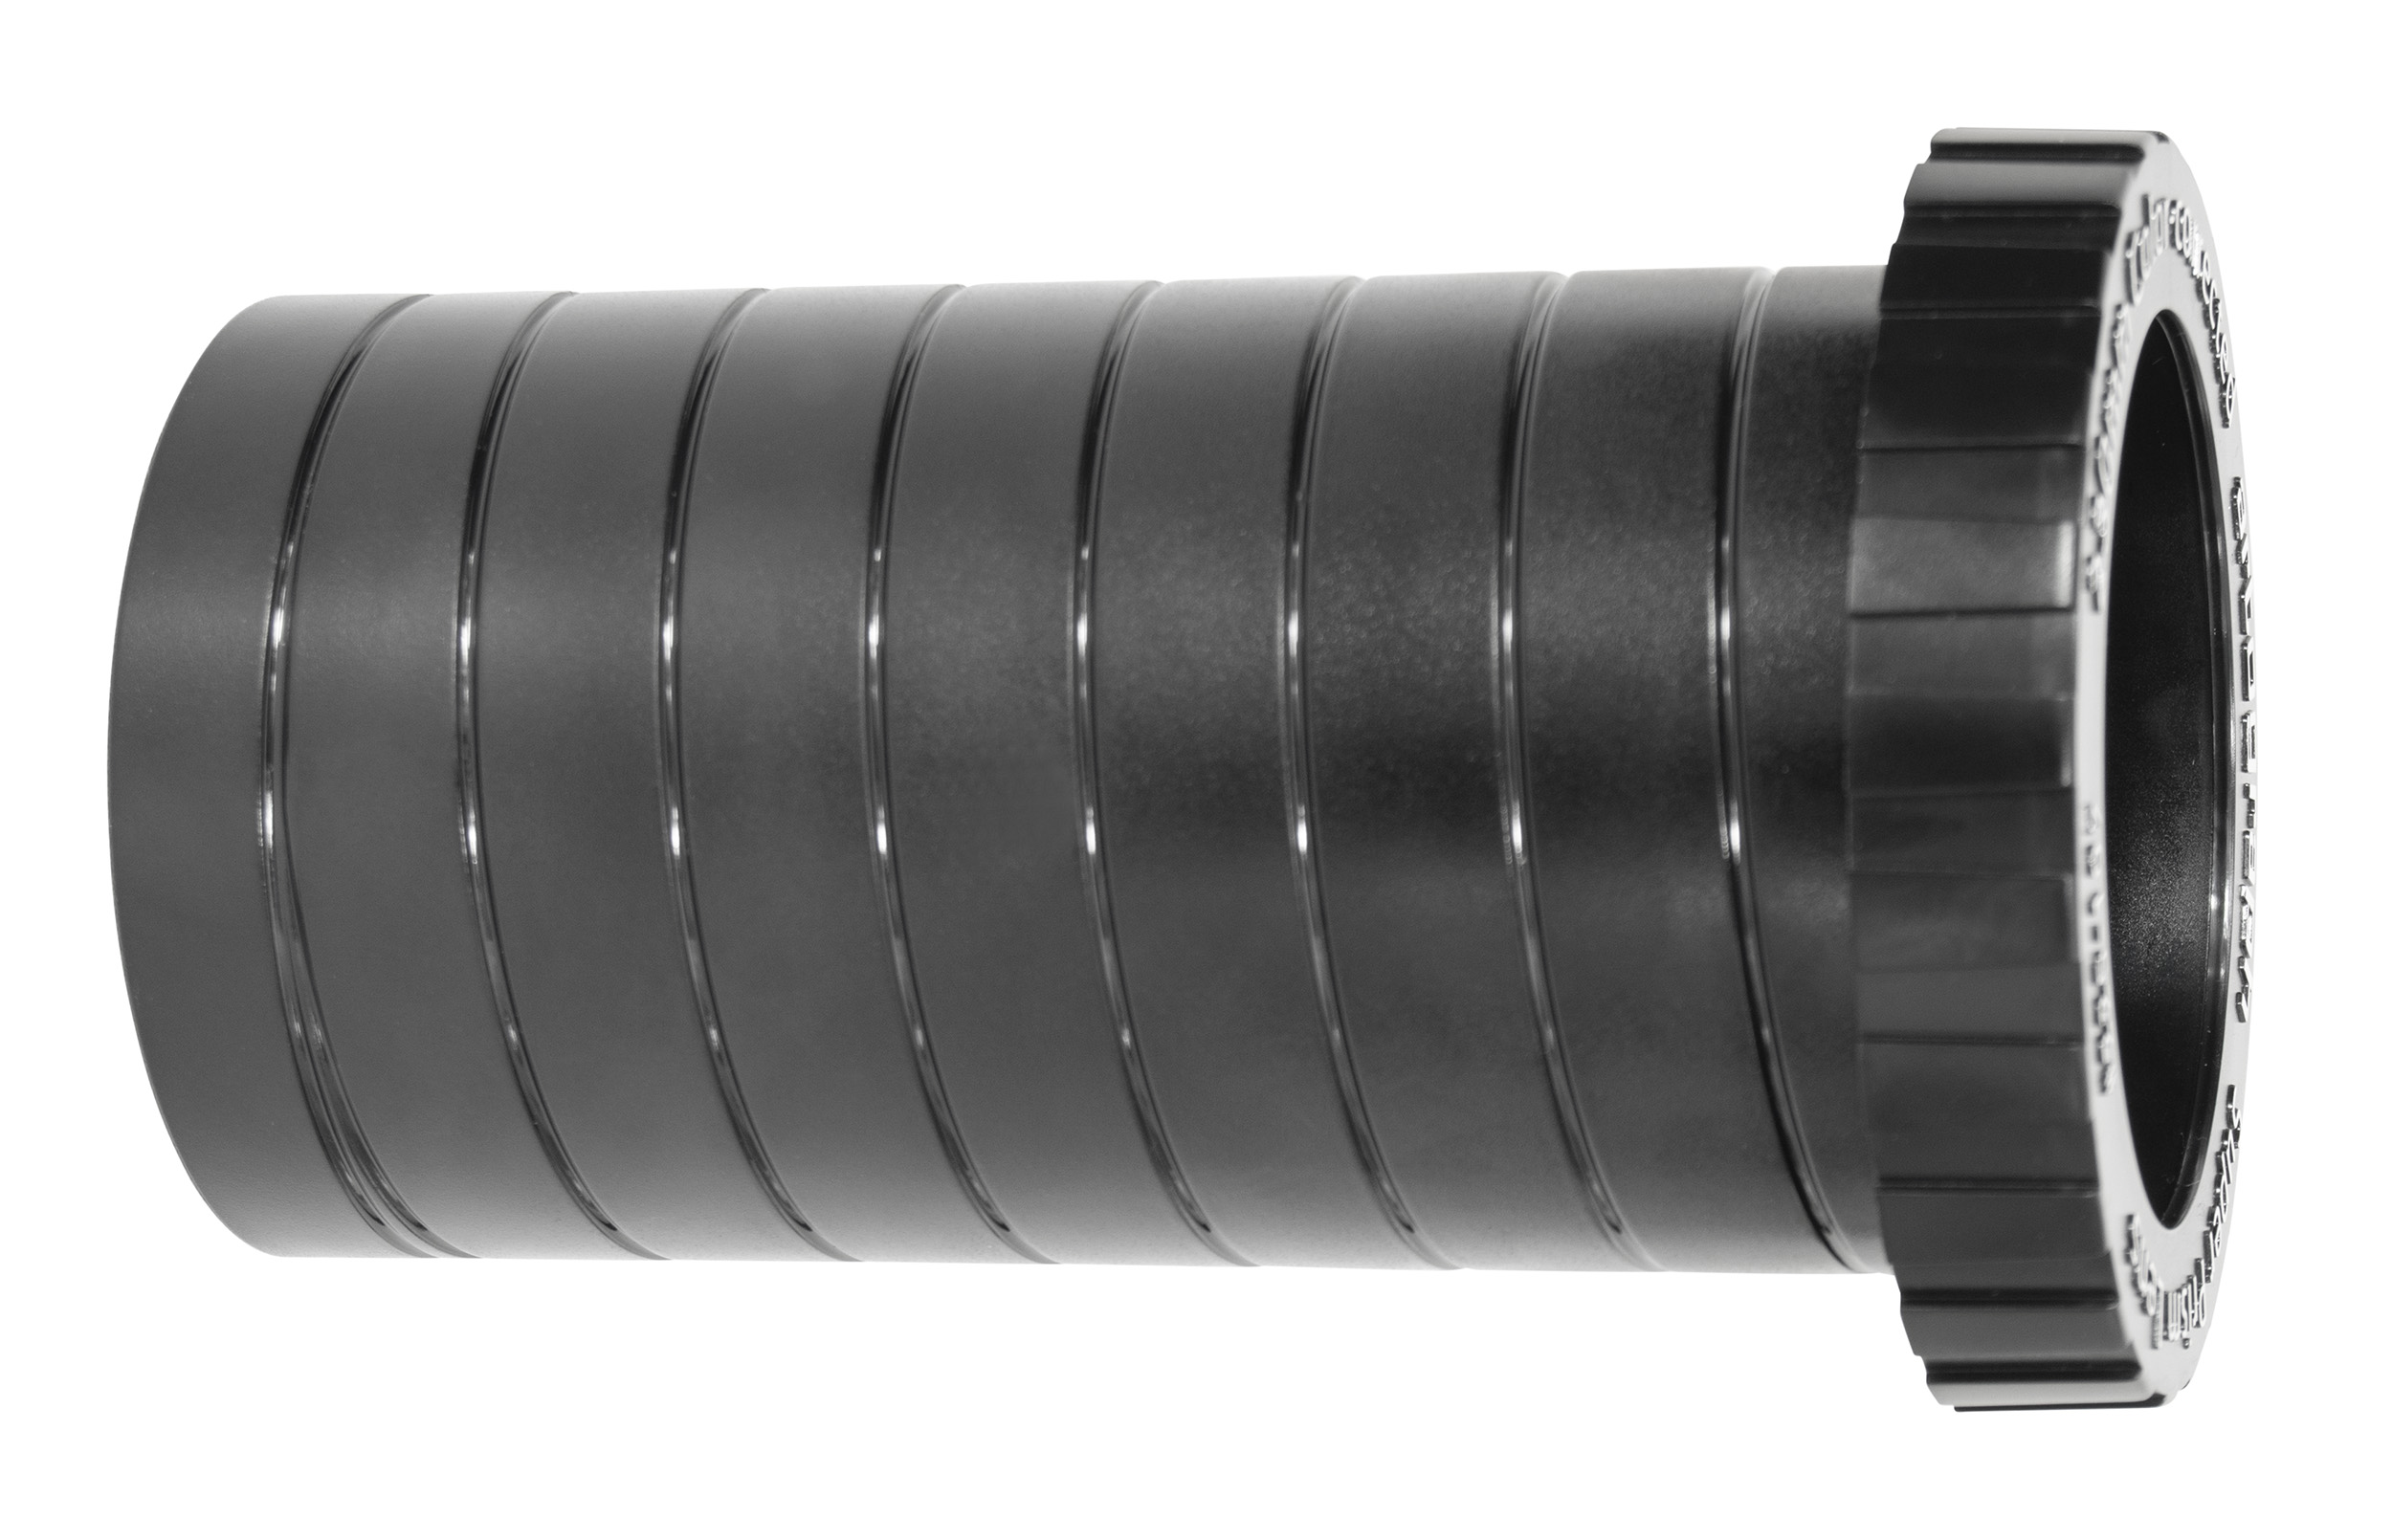 25197-Super-Prism-Lens-side